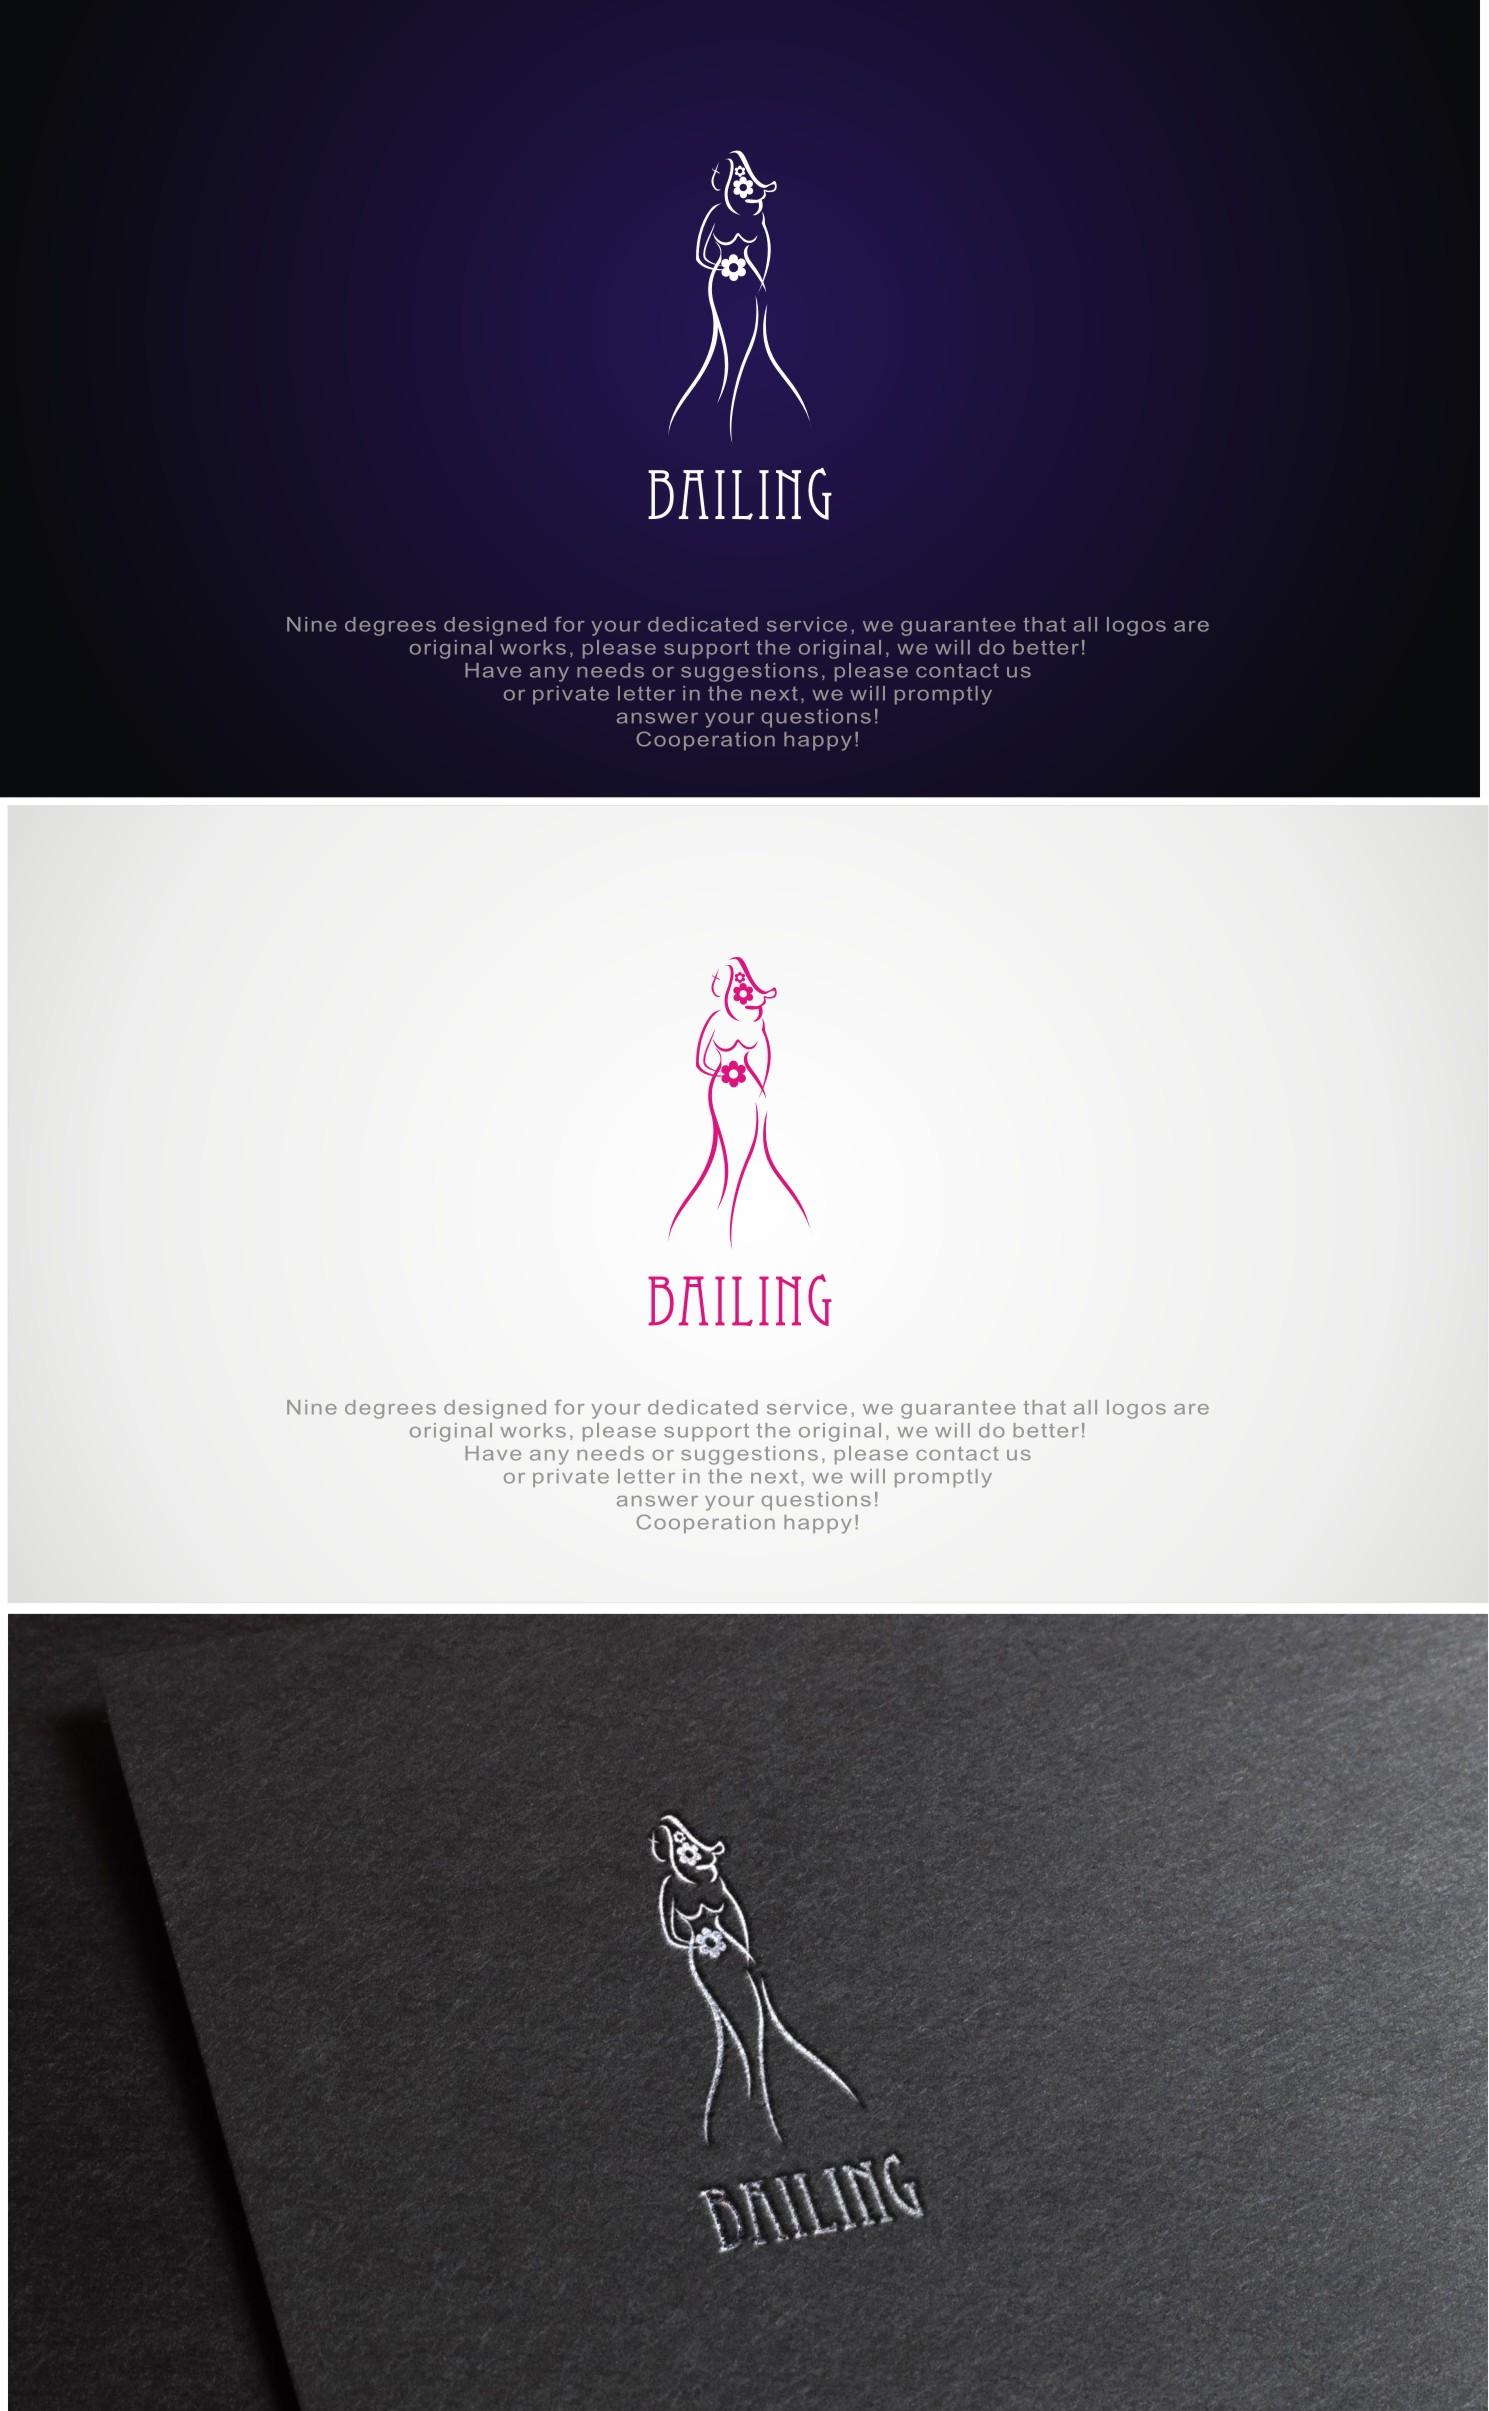 高档婚纱品牌logo - 图形与logo设计 - 猪八戒网国际站